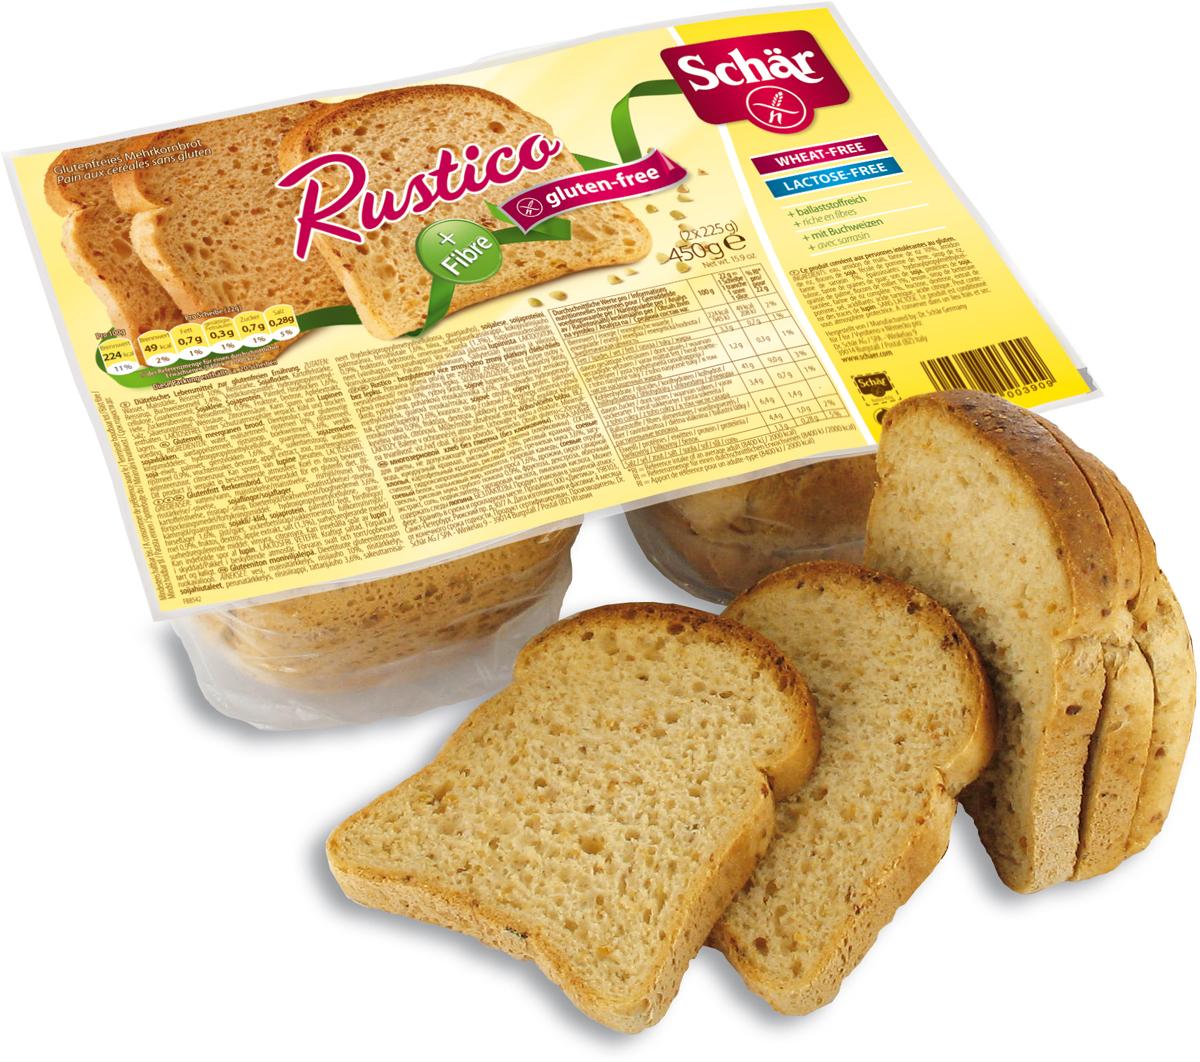 Dr. Schar Rustico Хлеб многозерновой, 450 г хлебная смесь хлеб золотистый